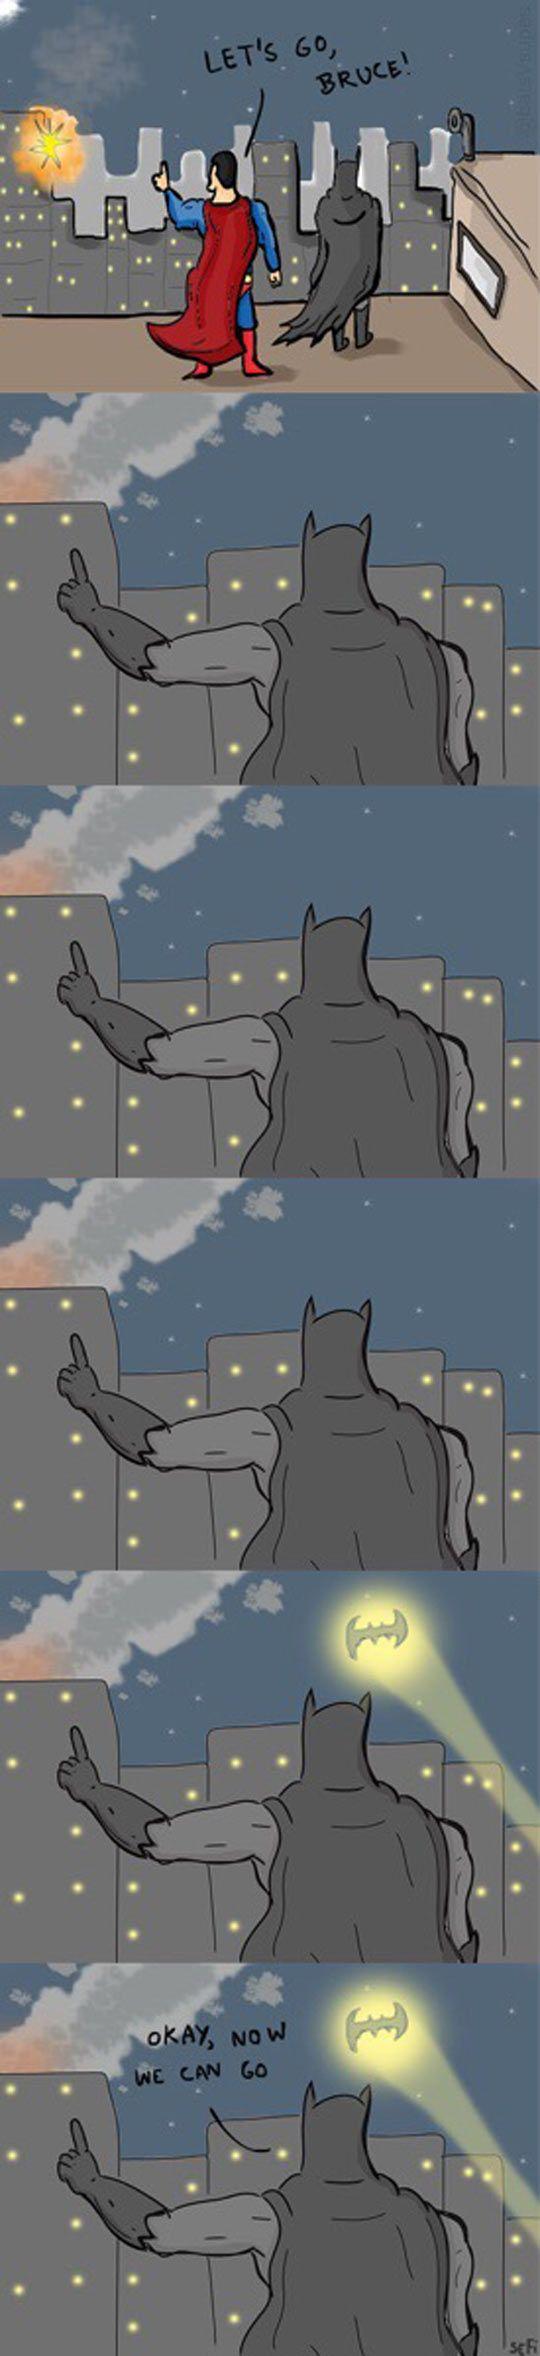 Batsy does it right.